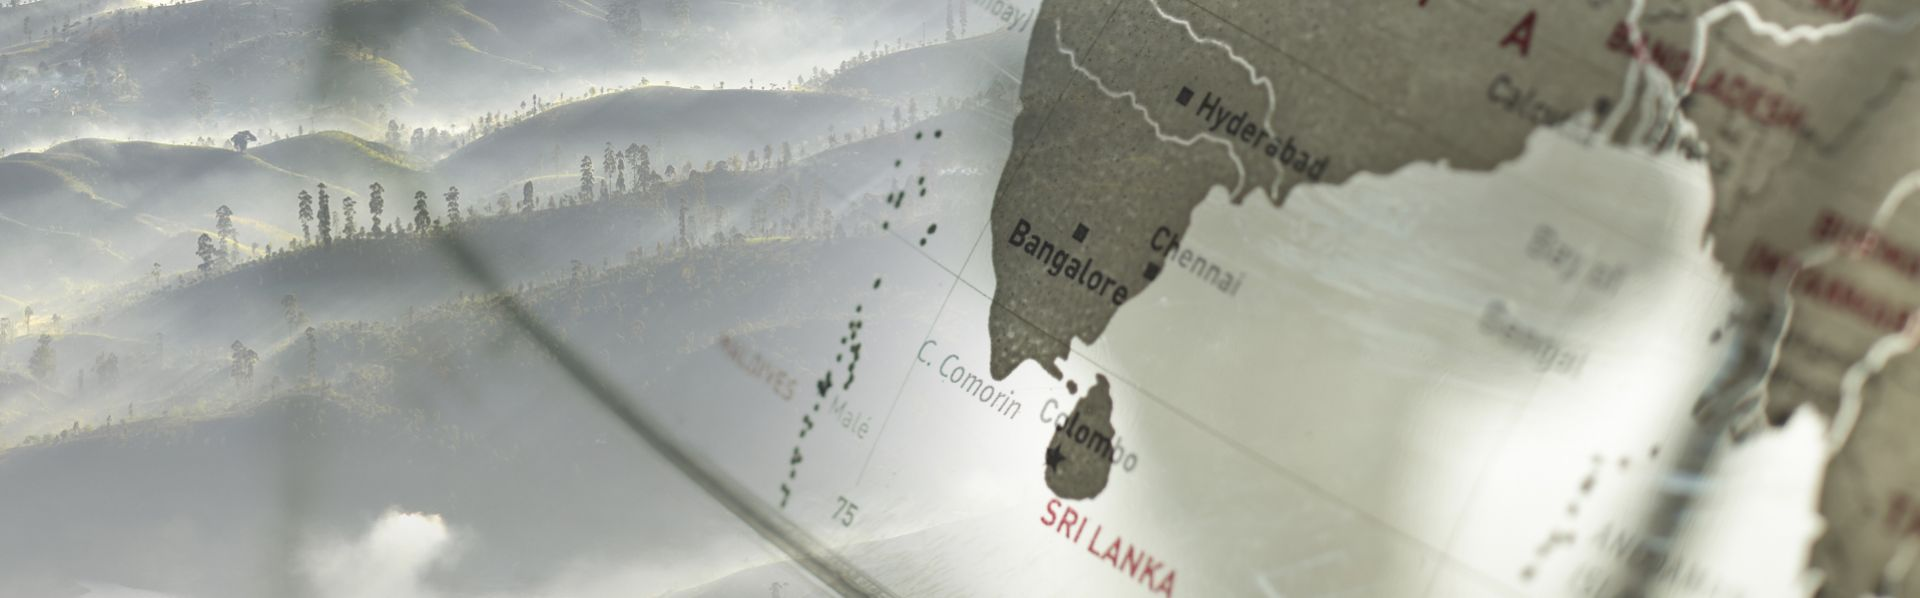 Big Power for Little Sri Lanka